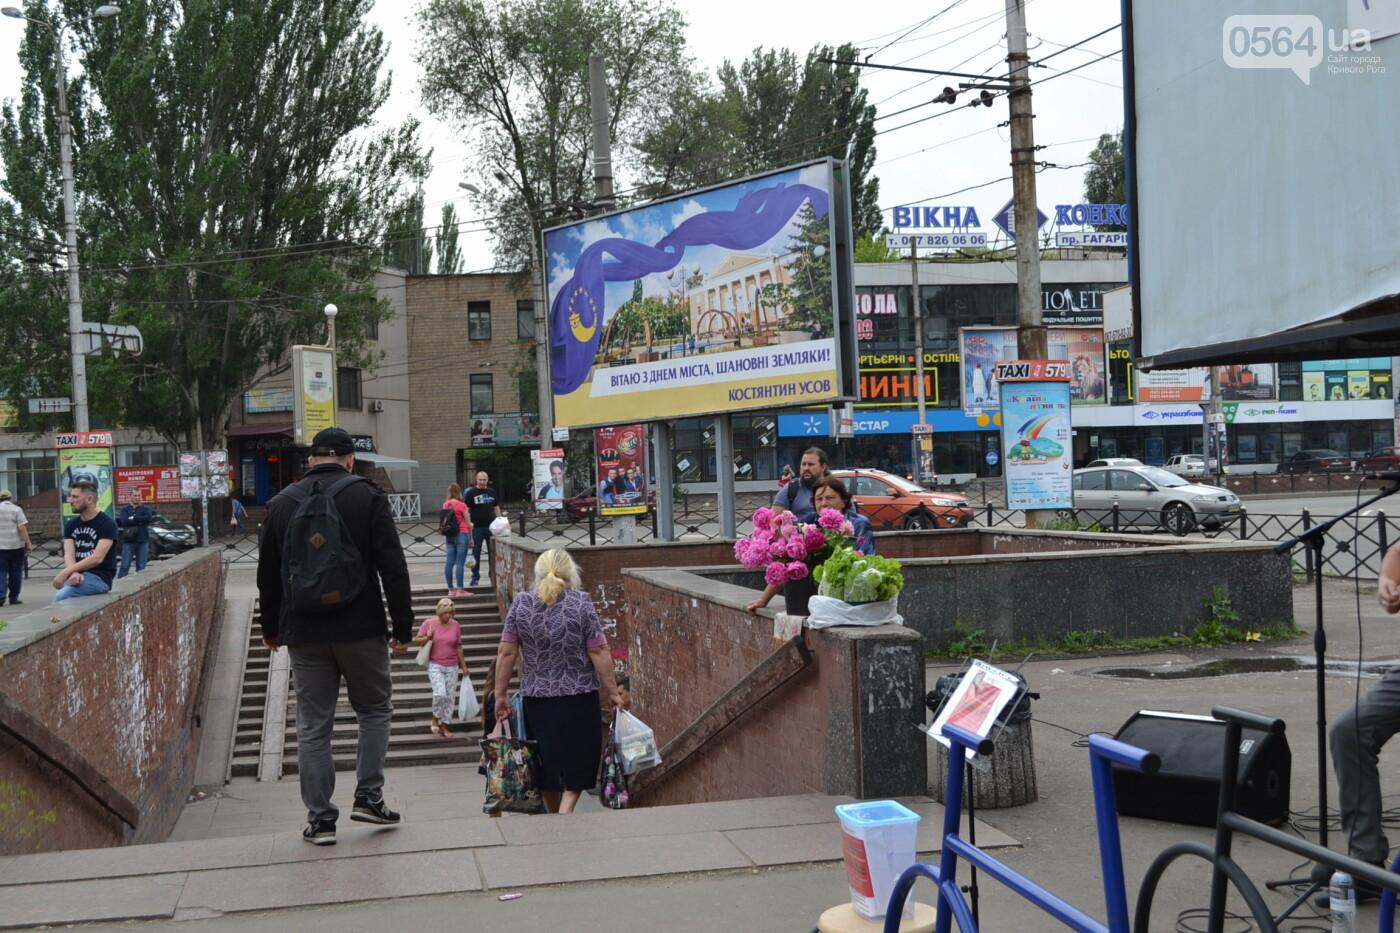 Концерт от Madisan Rock Club: криворожские музыканты поддержали юную Алину Михалковскую, - ФОТО, ВИДЕО, фото-12